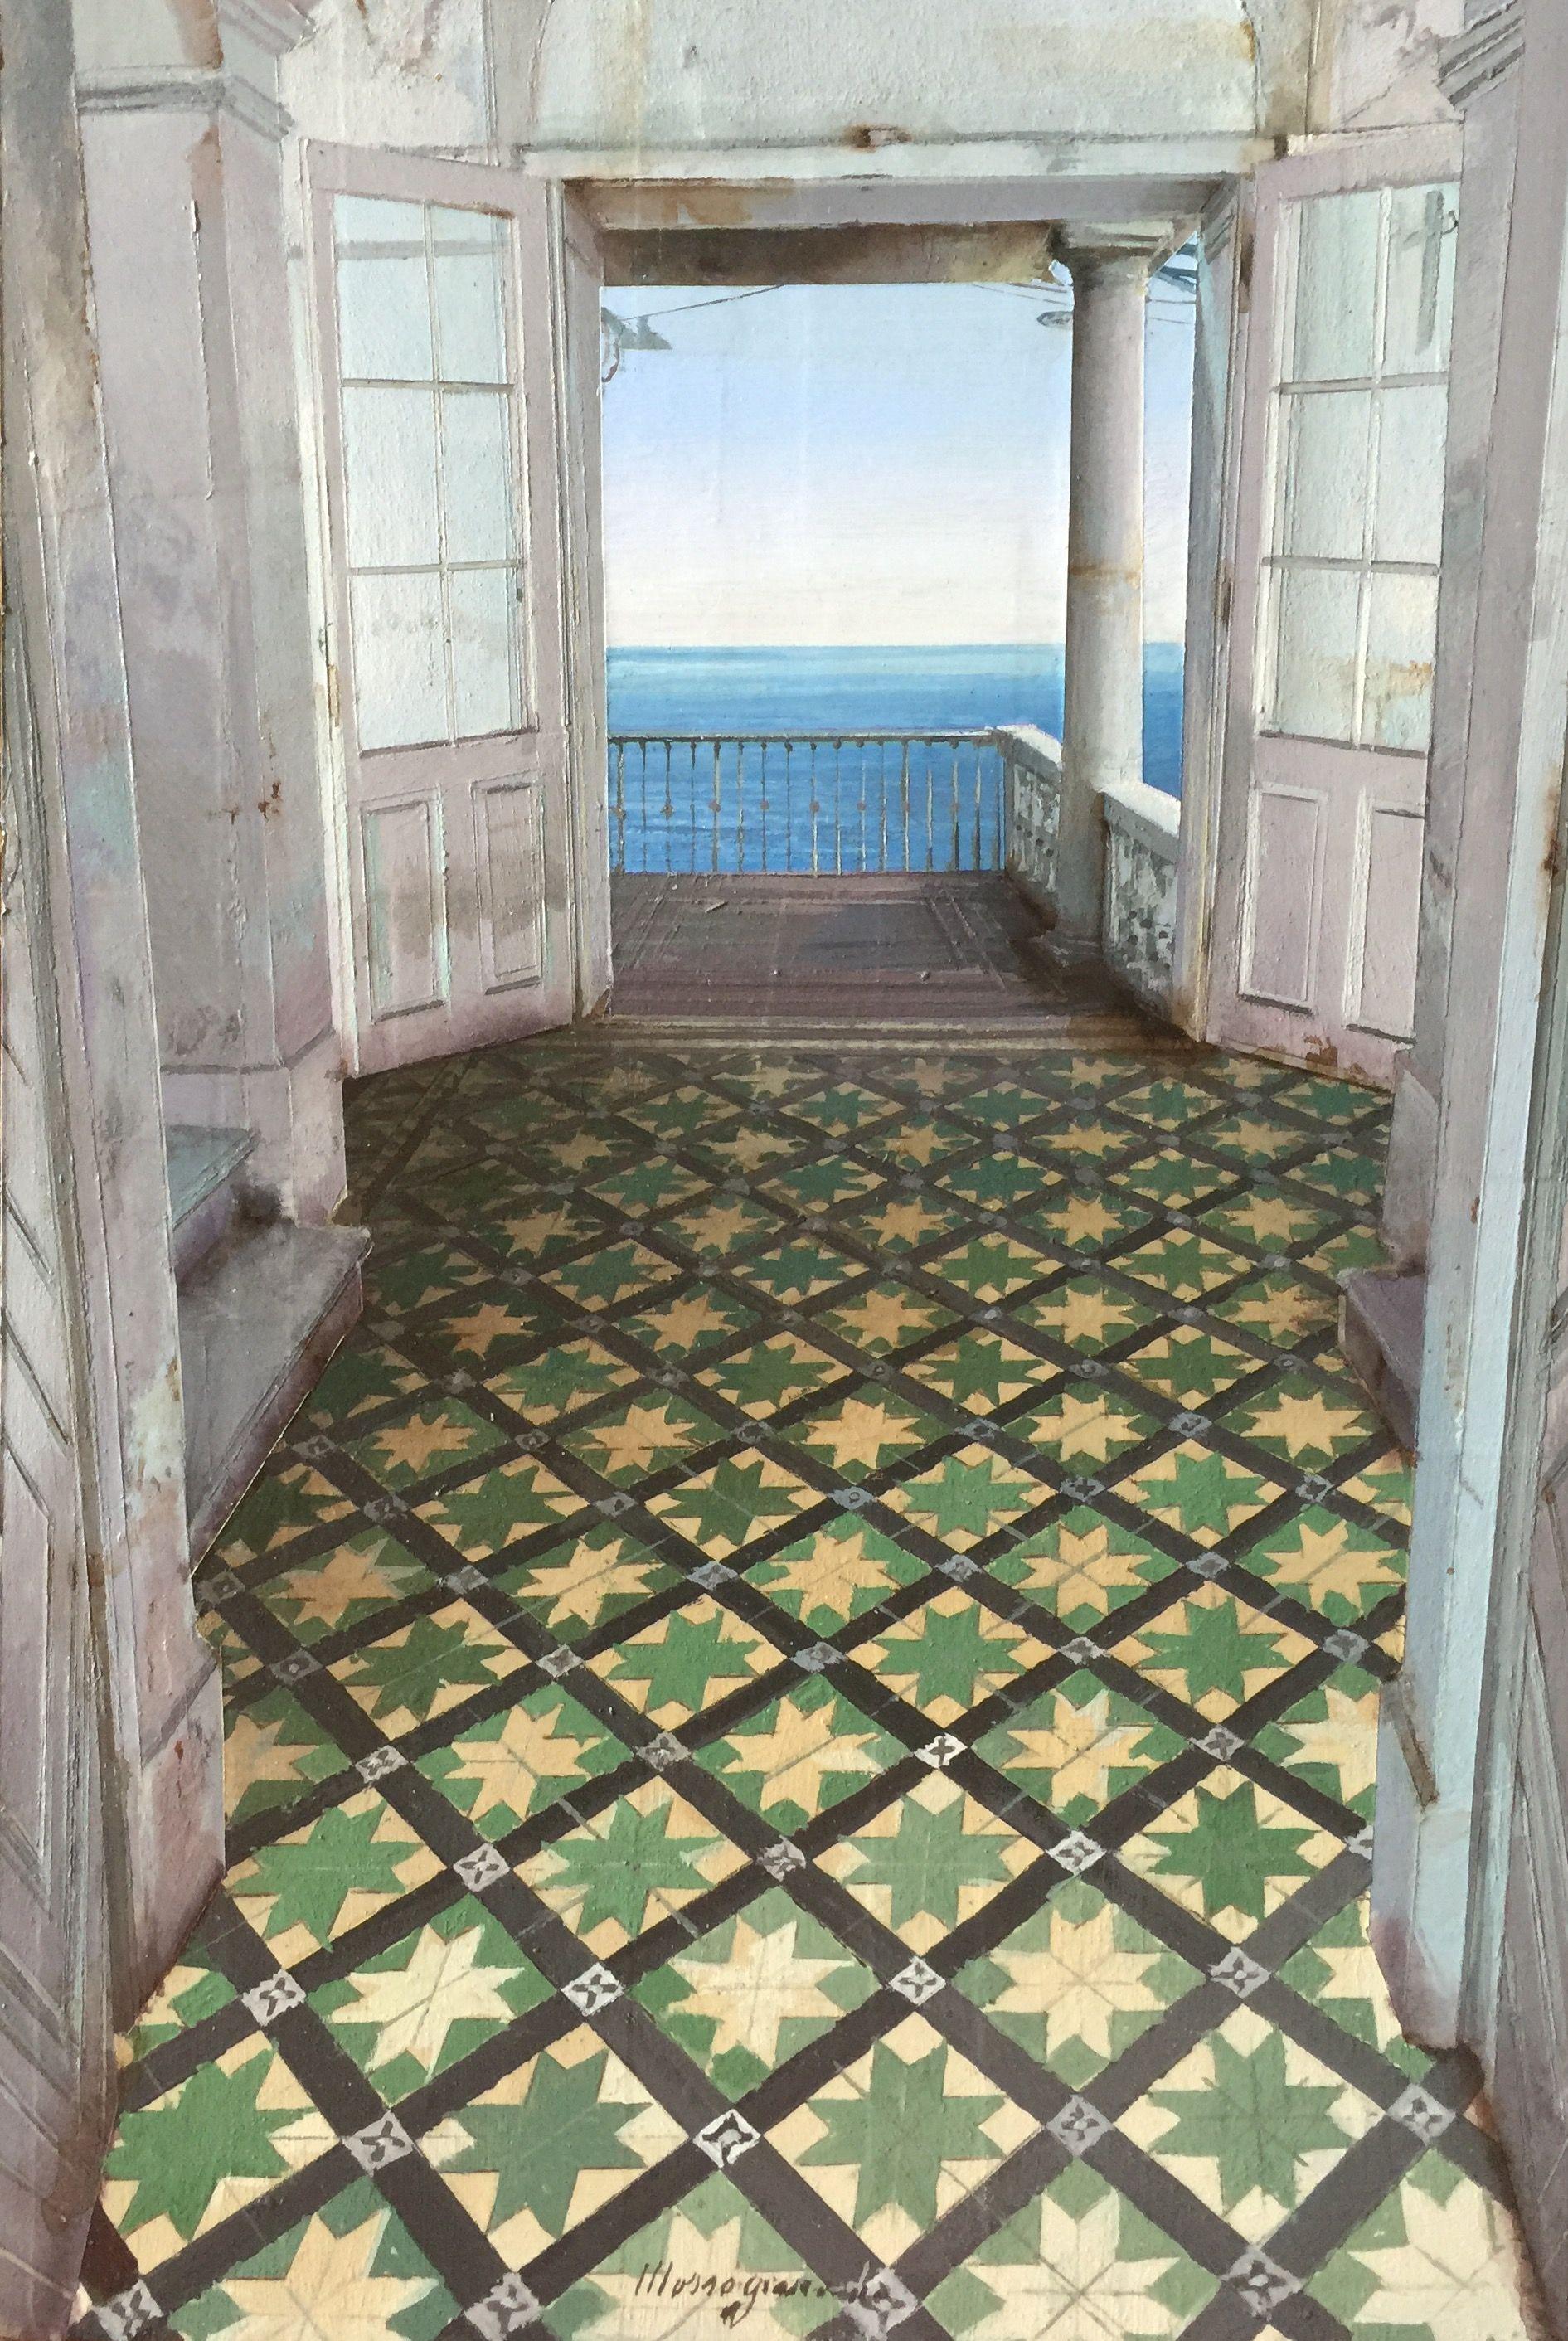 Matteo massagrande terrazza sul mare 2016 mixed media for Finte piastrelle